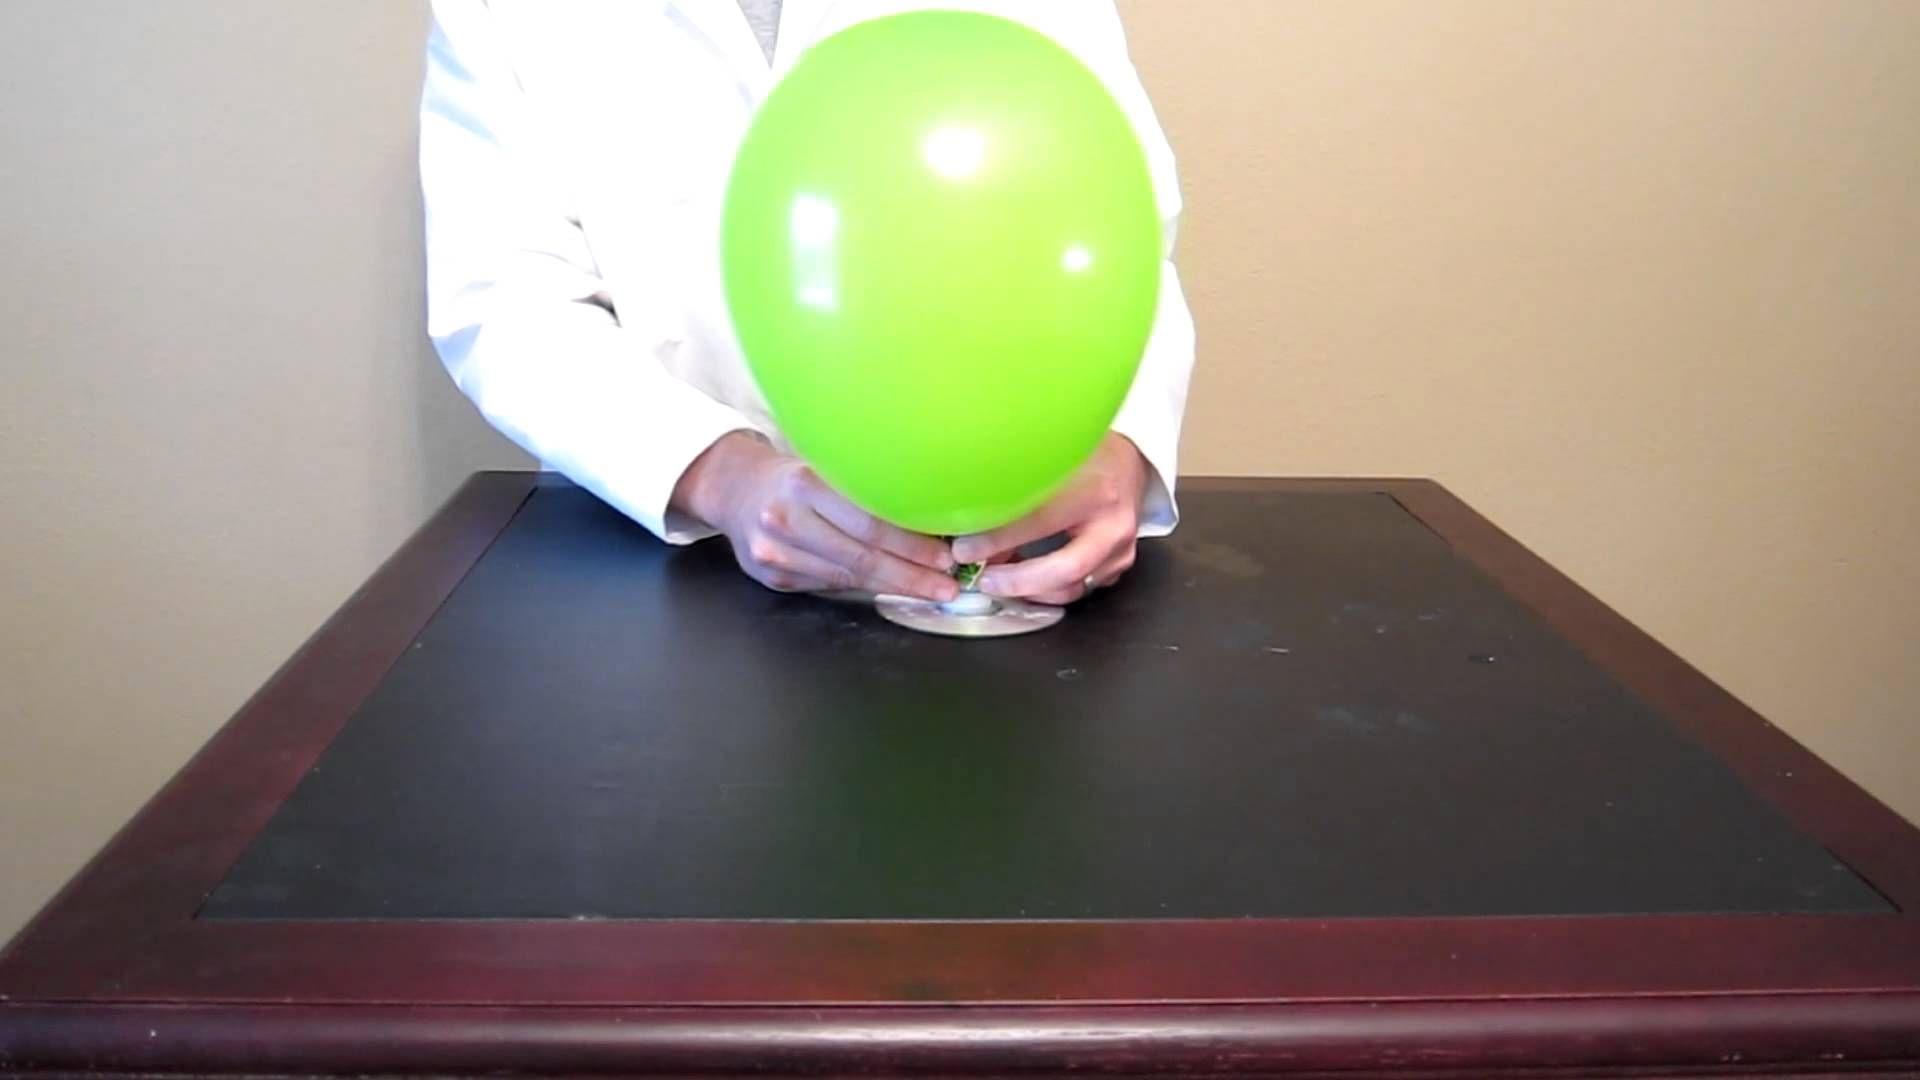 Build A Balloon Hovercraft